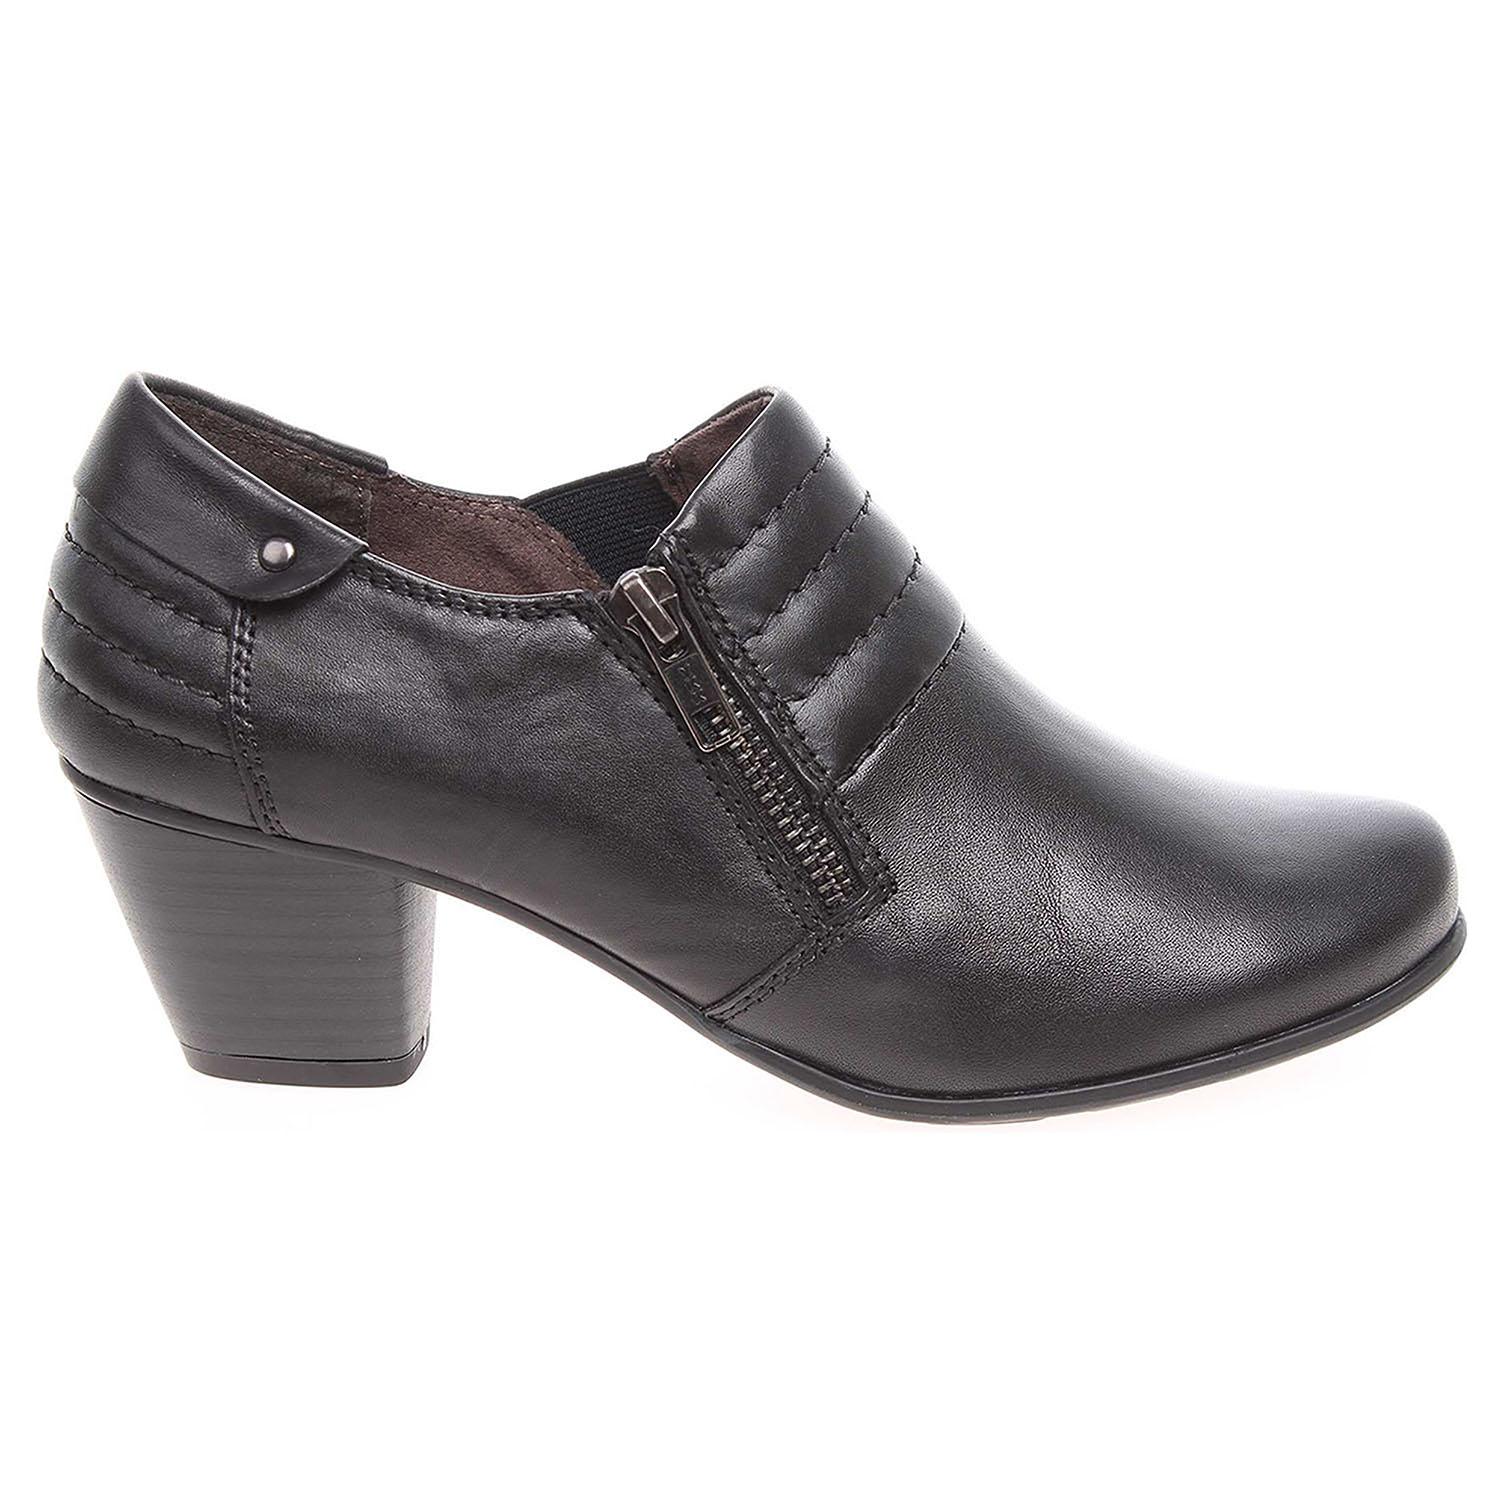 Jana dámská obuv 8-24441-25 černá 37